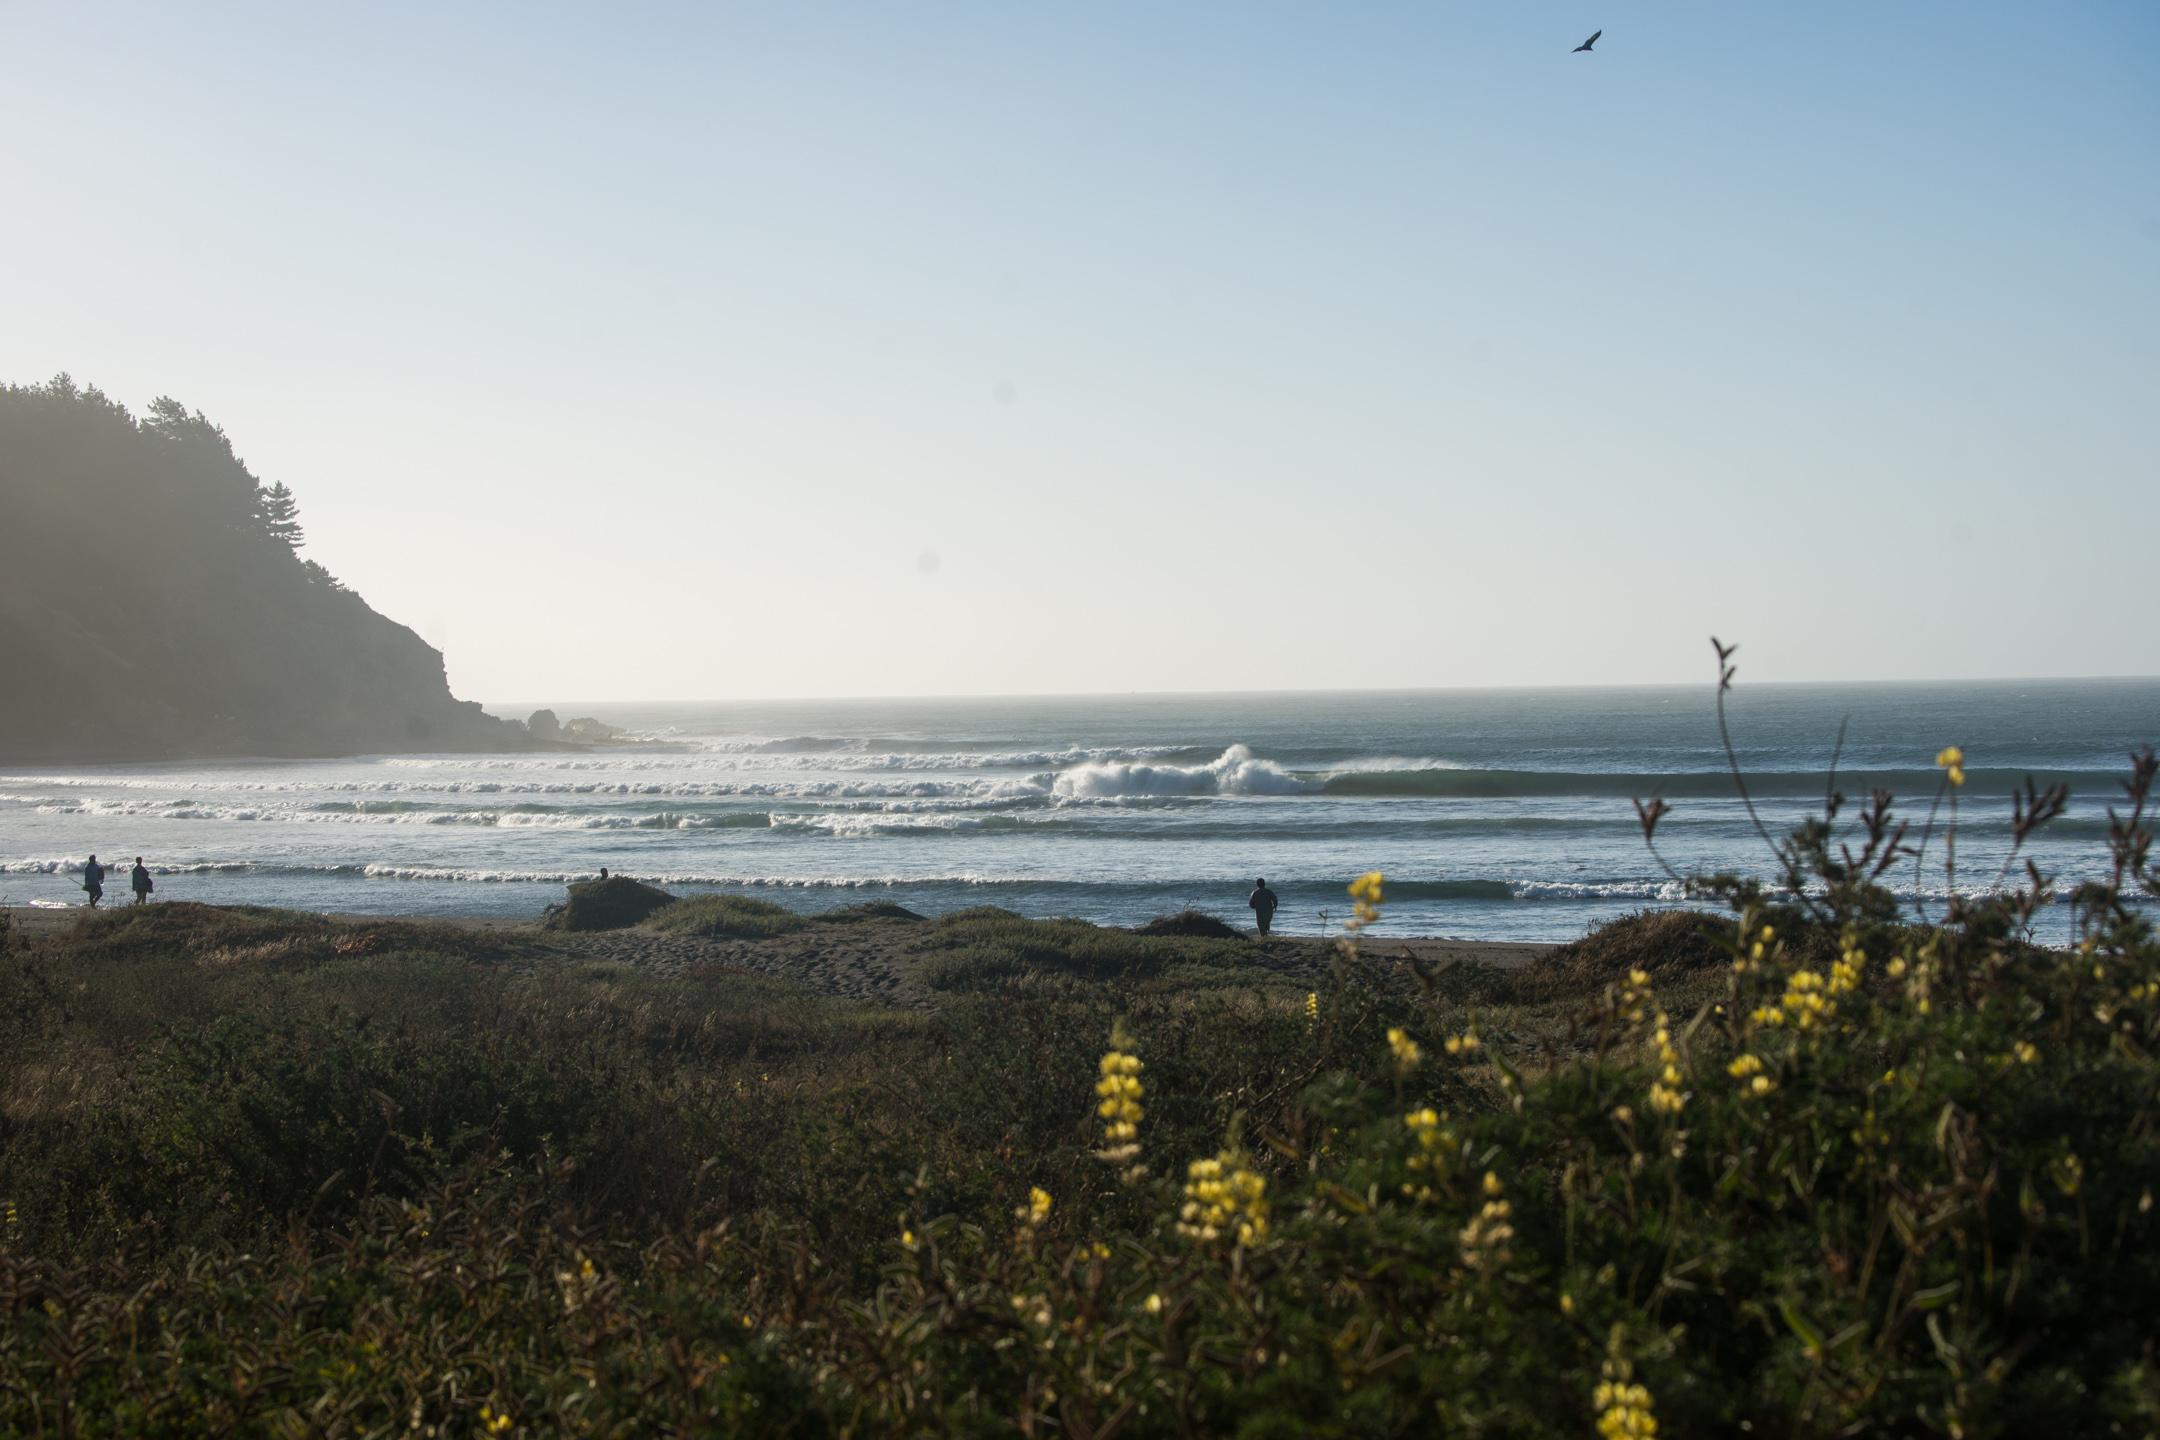 En camino a crear una nueva área marina protegida para la zona central de Chile